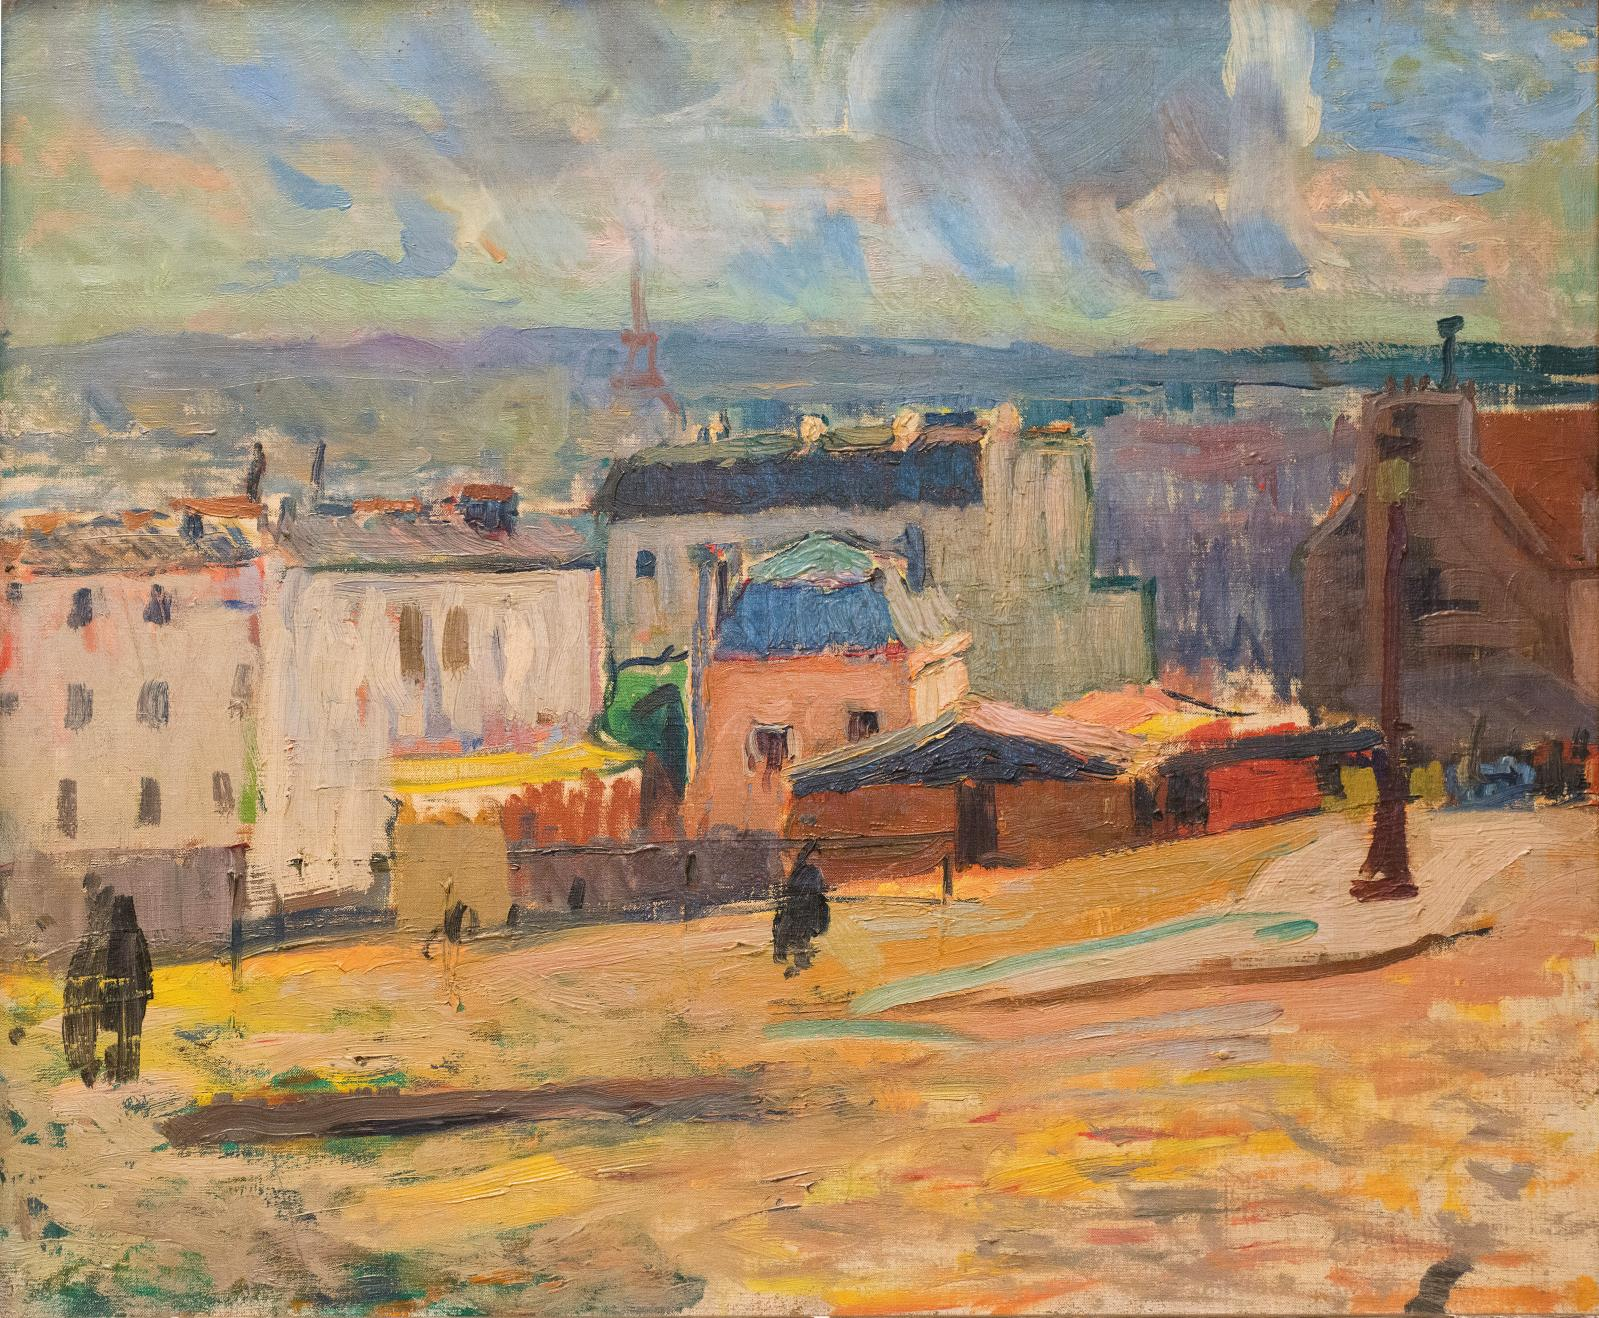 Raoul Dufy, Vue de Paris depuis Montmartre, 1902, huile sur toile, 45 x 55 cm (détail), collection particulière.